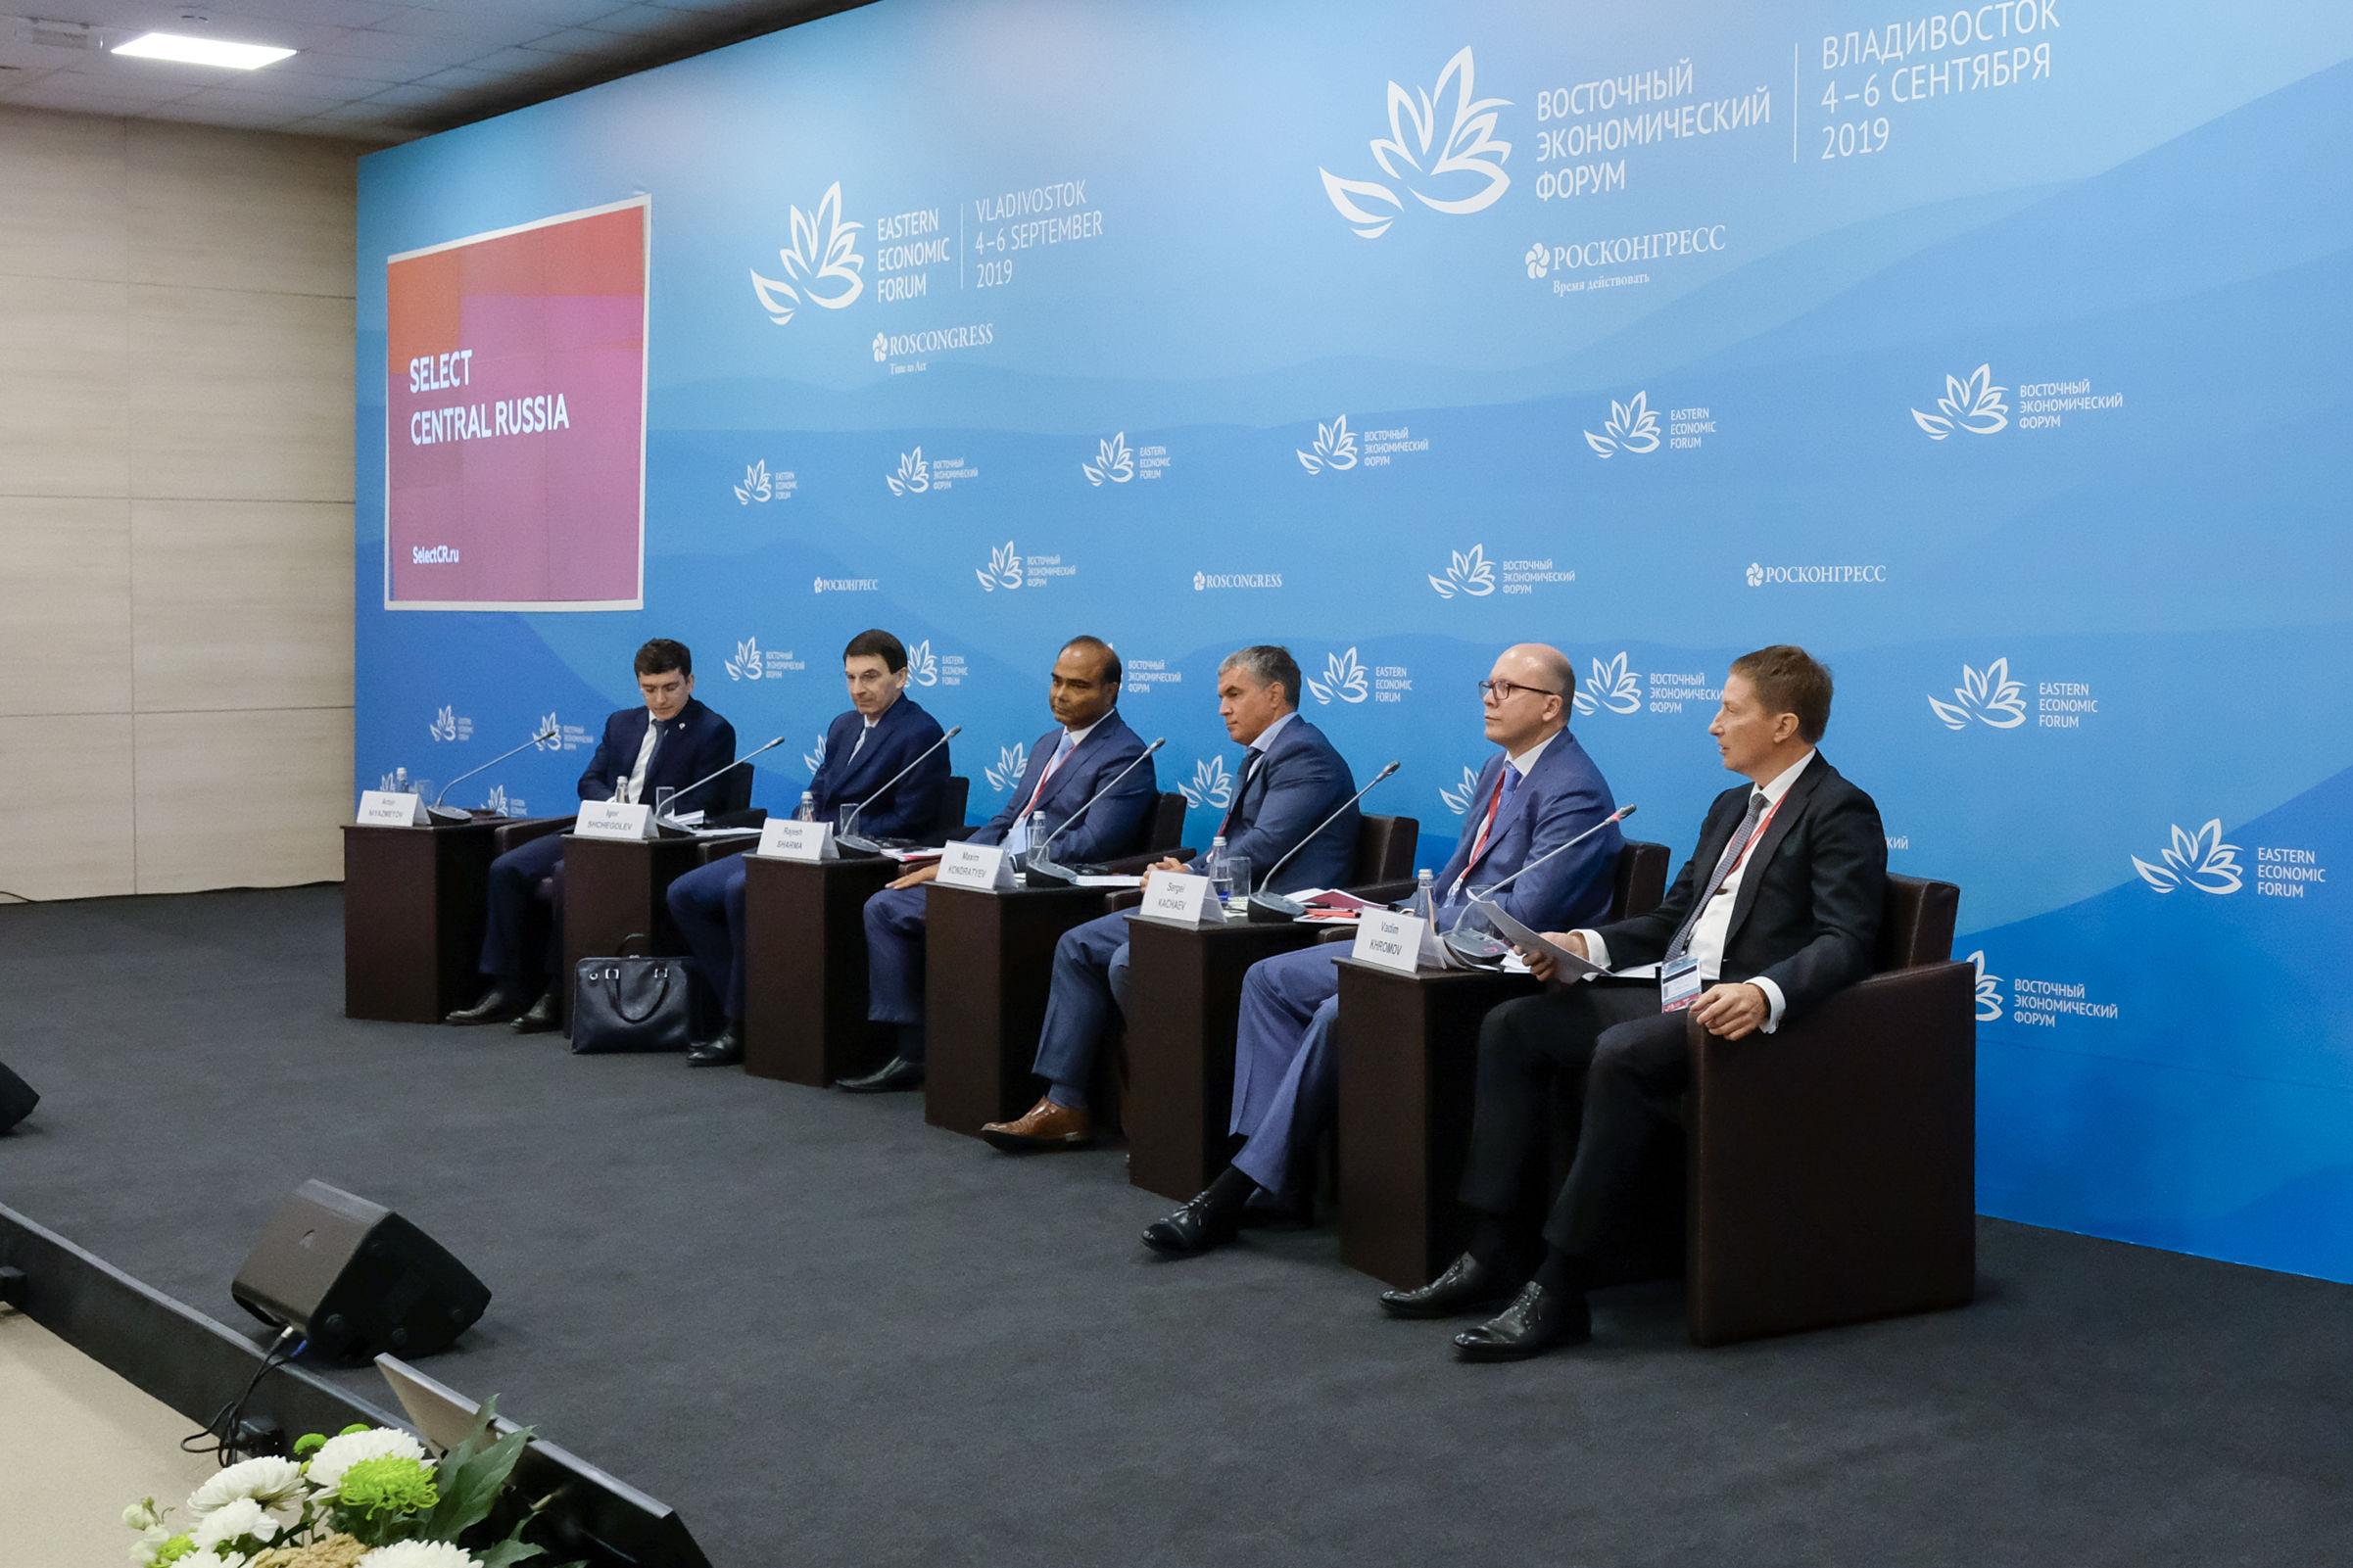 Инвестиционный потенциал Центральной России представили на Восточном экономическом форуме